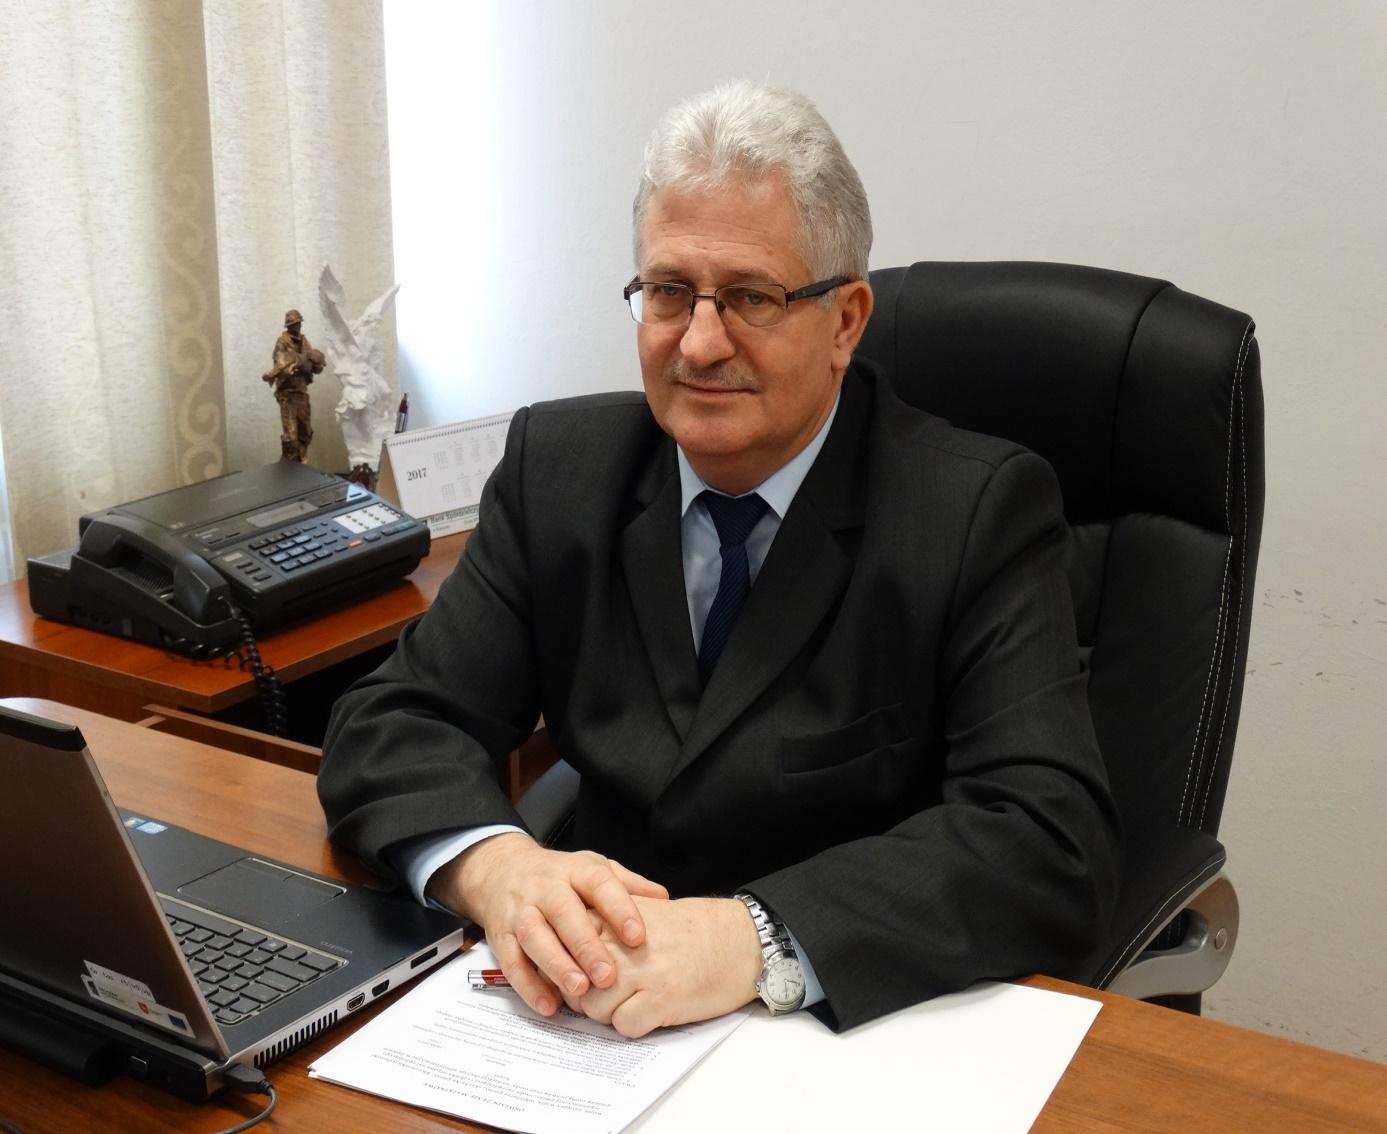 Wywiad z Wójtem Gminy Białopole: Henrykiem Maruszewskim